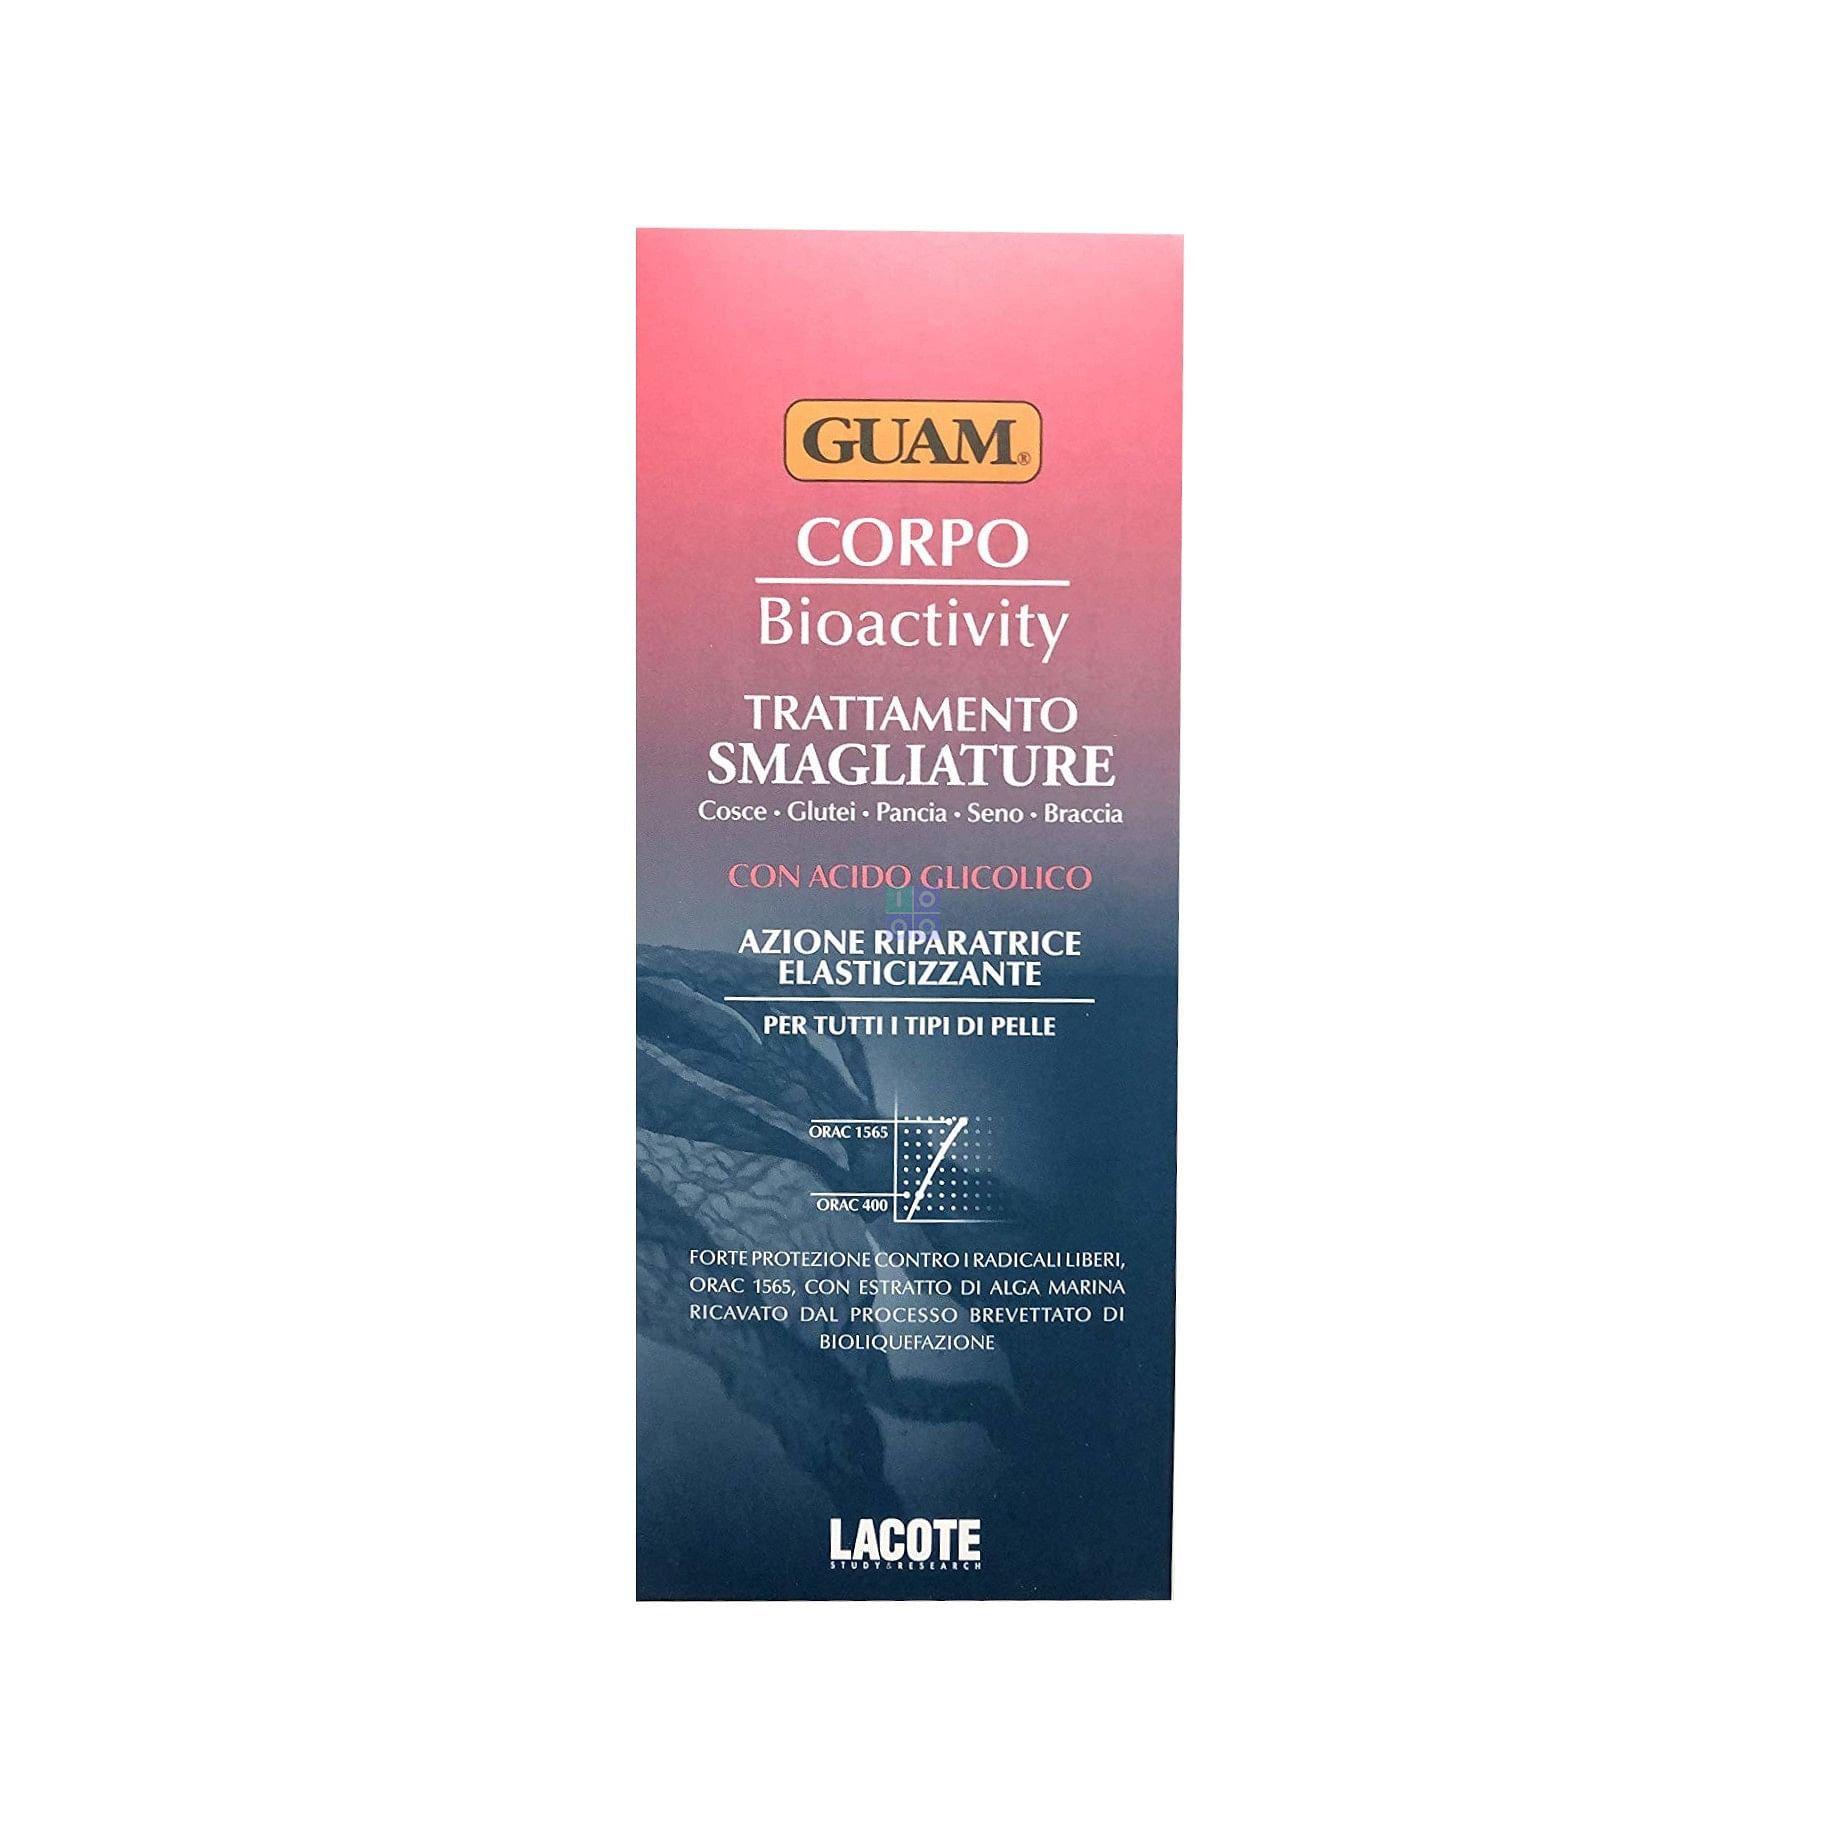 Guam, Bioactivity Corpo - Trattamento Smagliature 150 ml